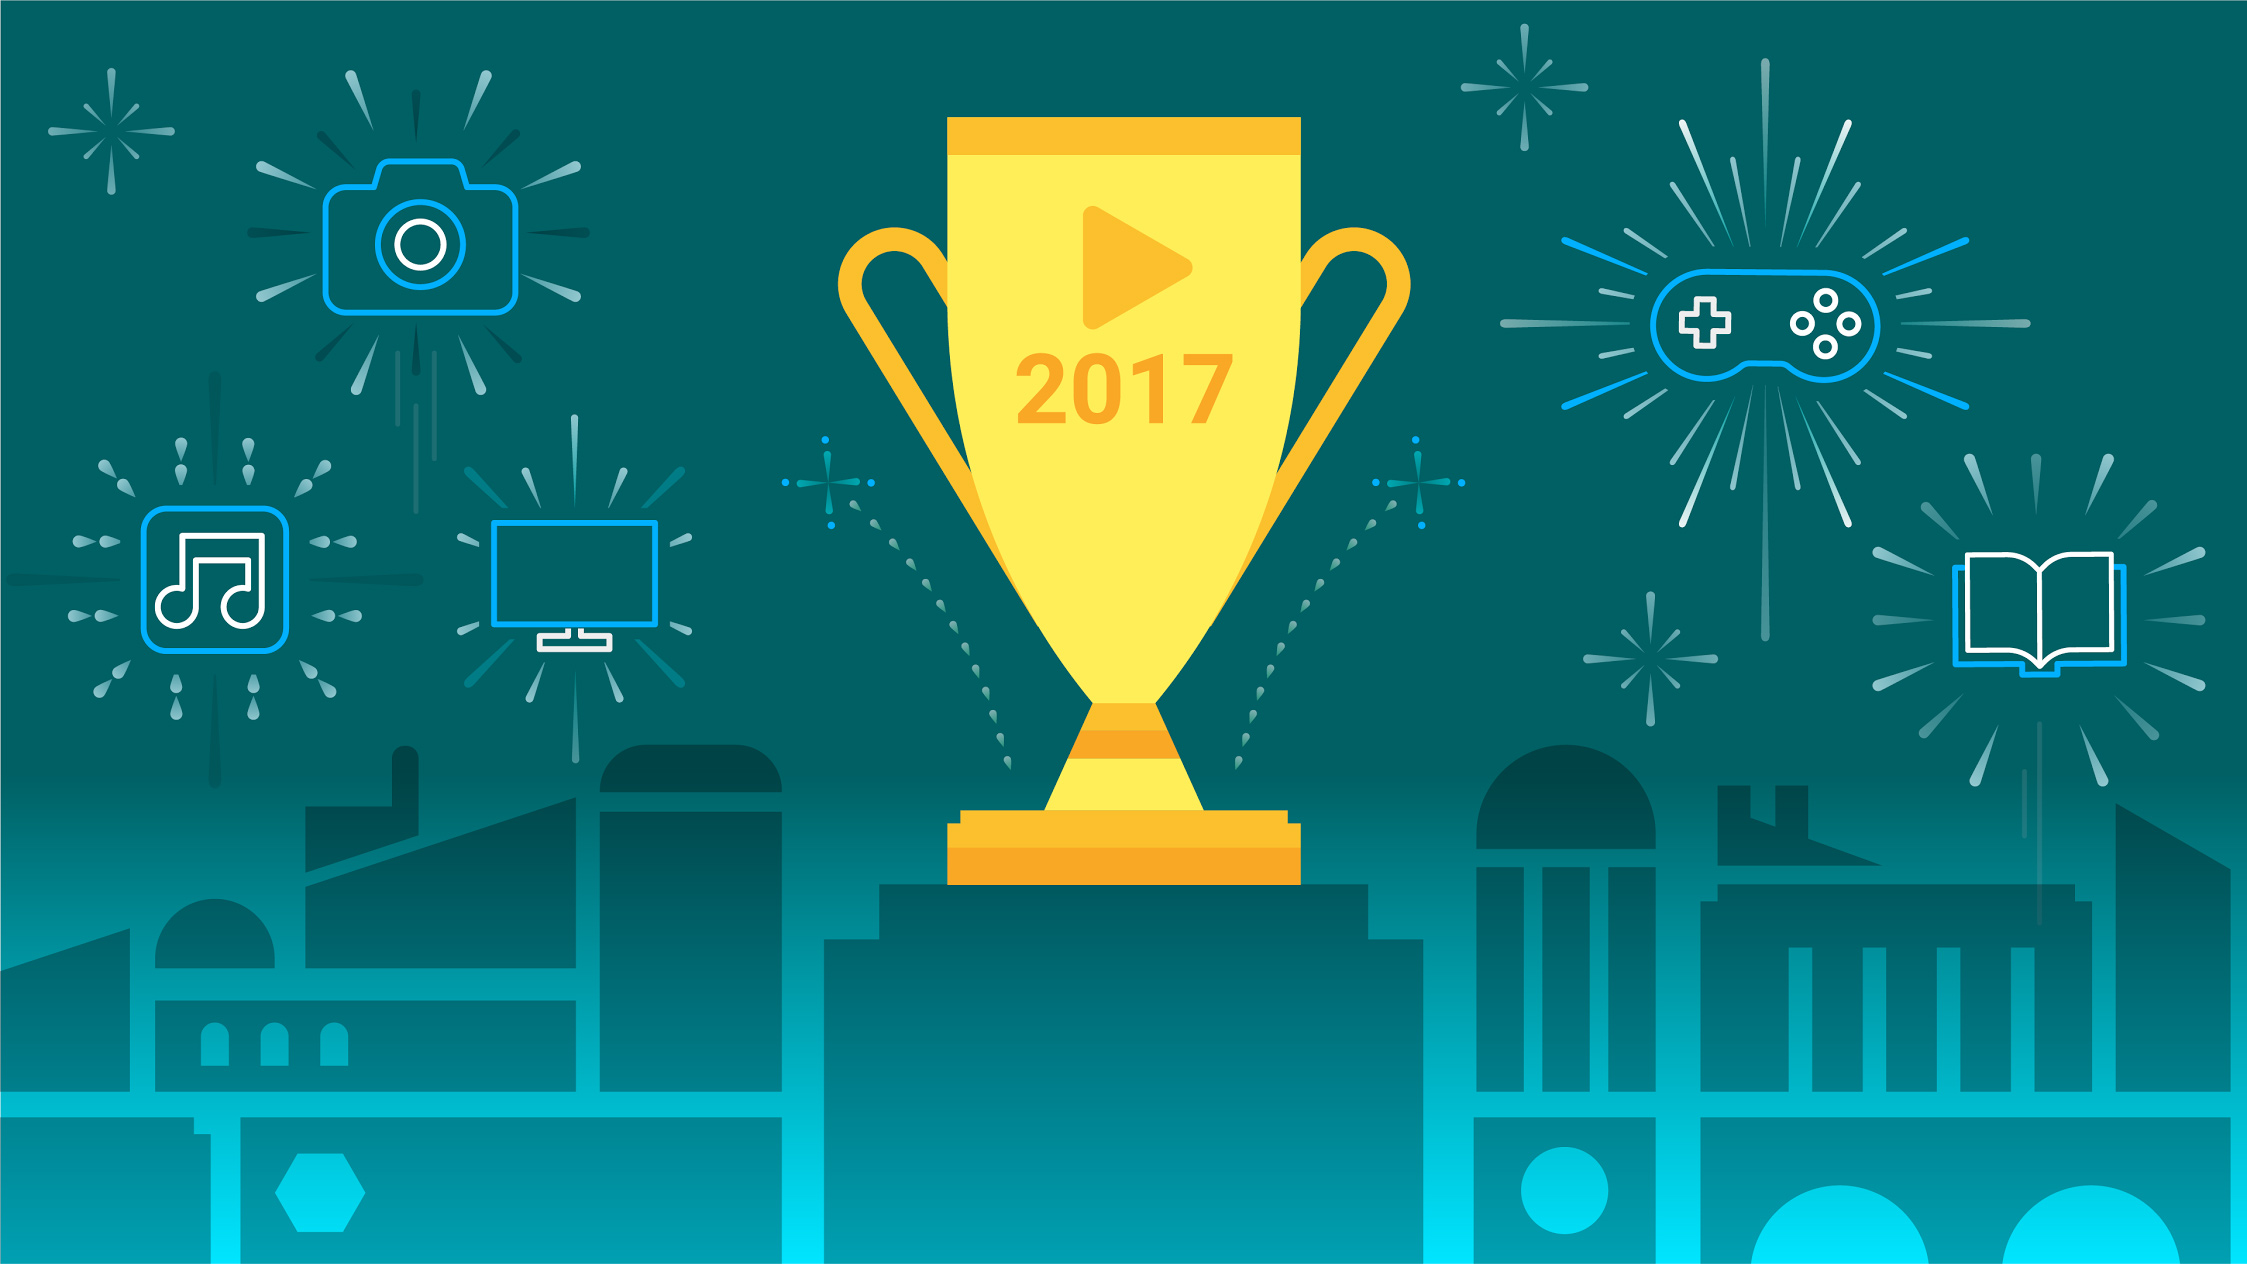 les meilleurs jeux et apps de 2017 d 39 apr s google frandroid. Black Bedroom Furniture Sets. Home Design Ideas